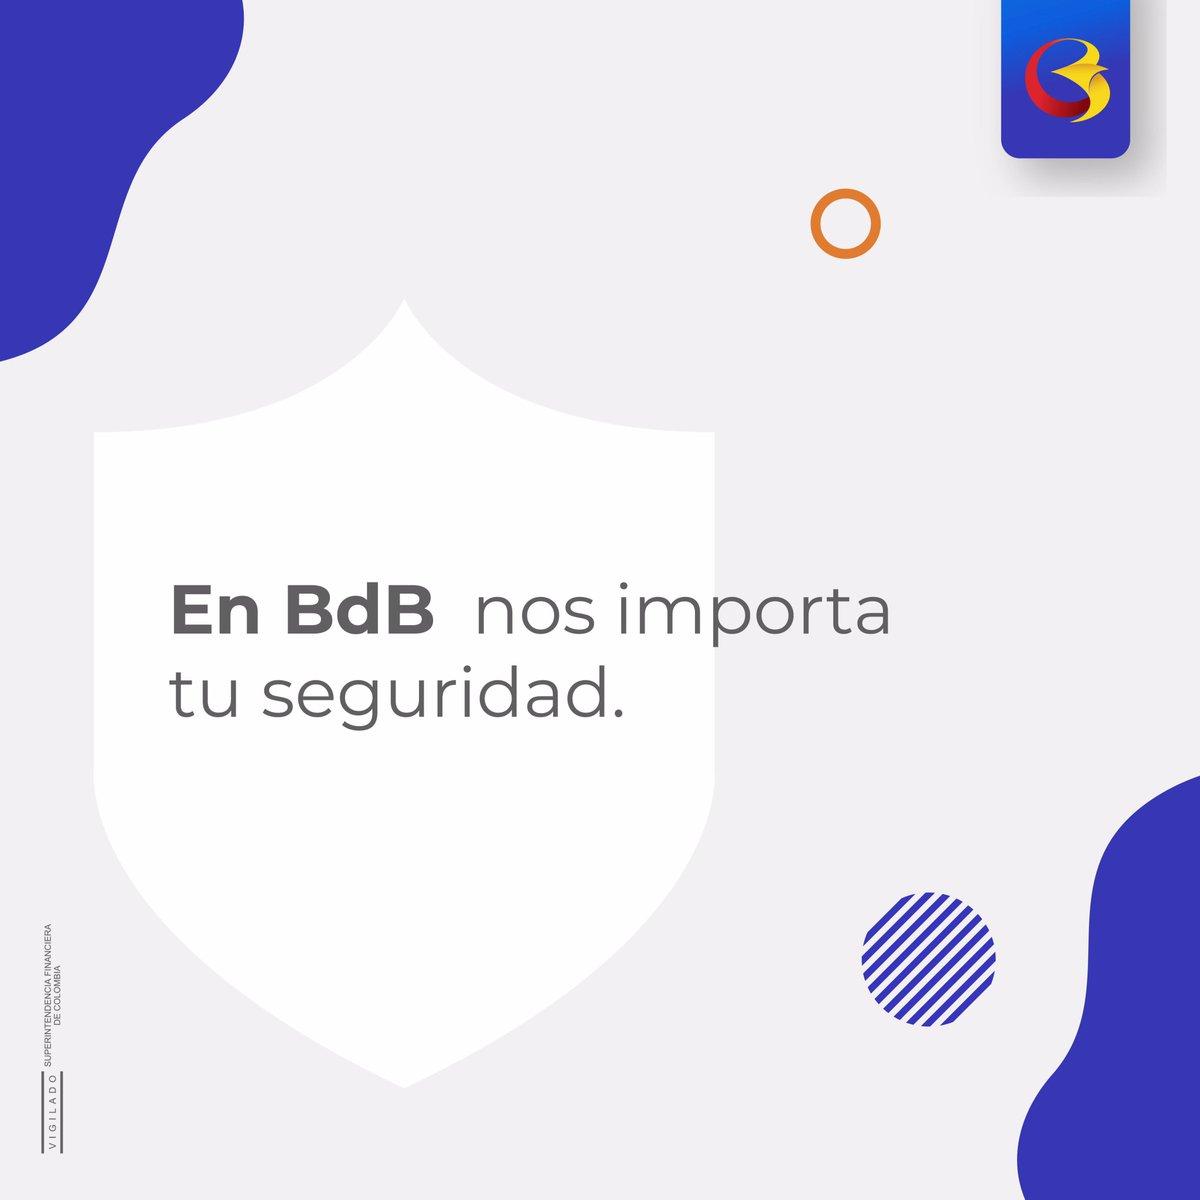 No atiendas esta clase de llamadas, Banco de Bogotá no pide datos personales o claves. Si tienes alguna sospecha de este tipo de actos, comunícate a nuestra servilínea https://t.co/wdBPFPsjMK de manera inmediata. https://t.co/fbxzLs87AG